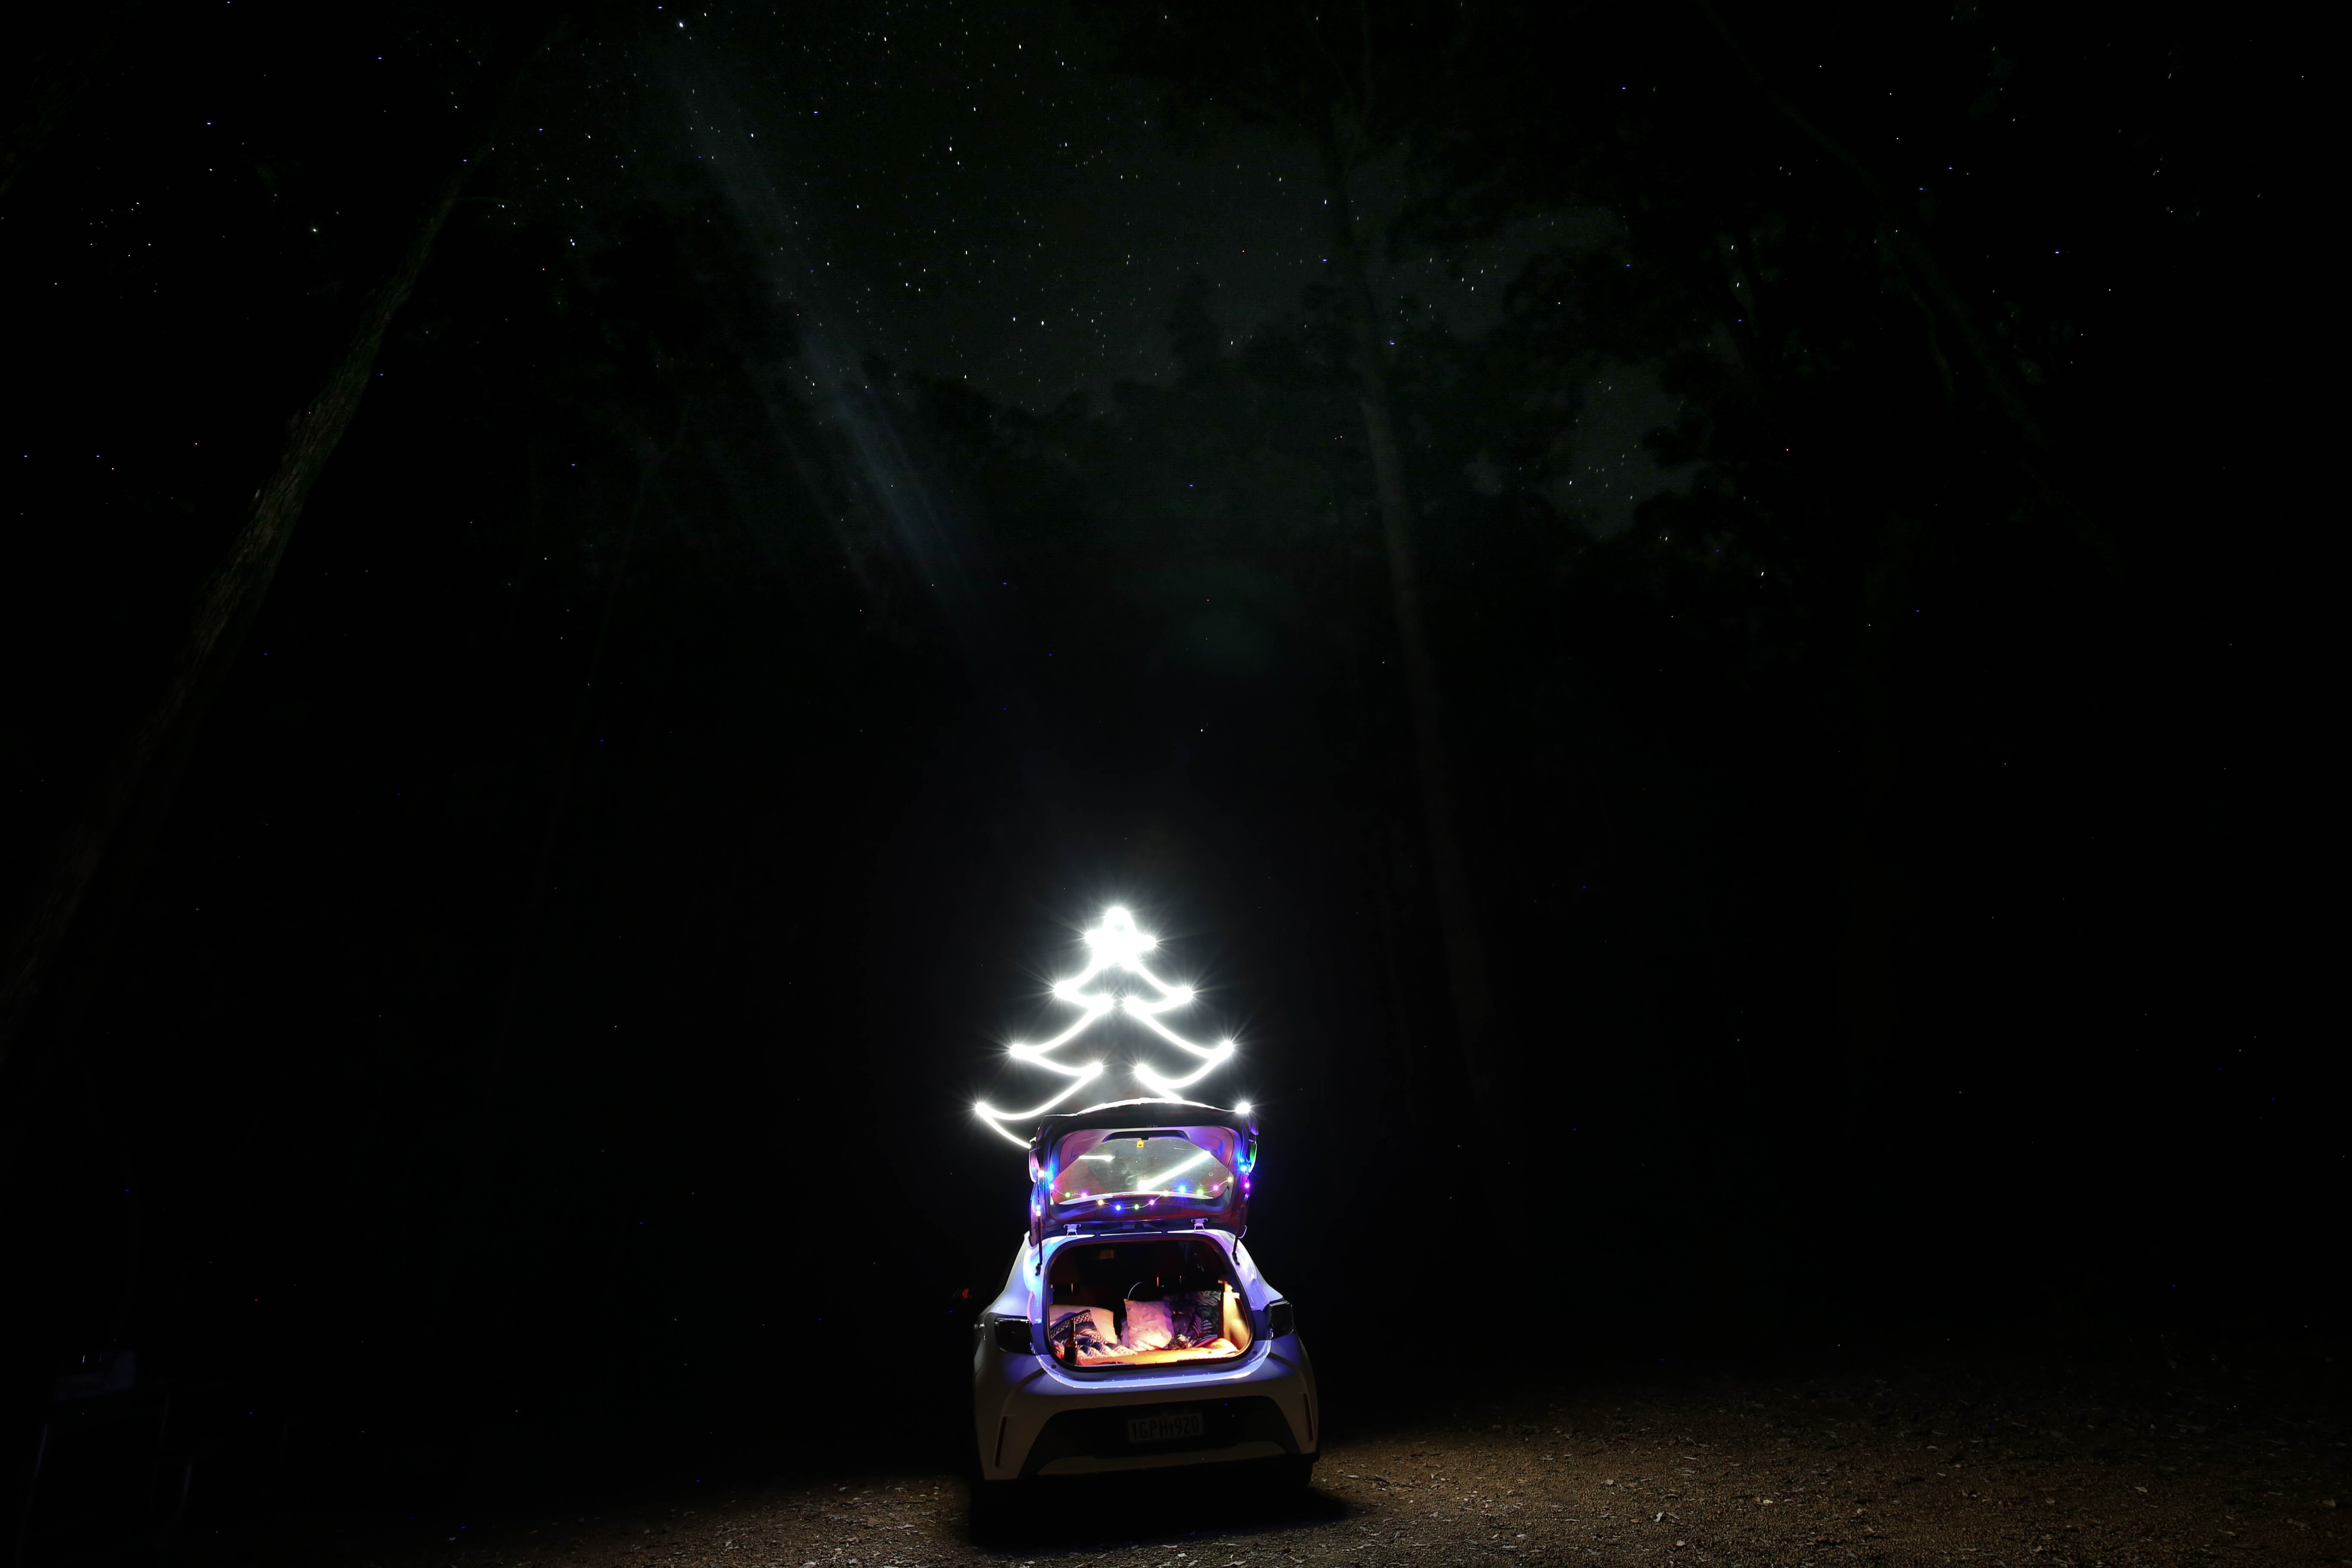 Gratis arkivbilde med camping, juletre, lang eksponering, stjerner